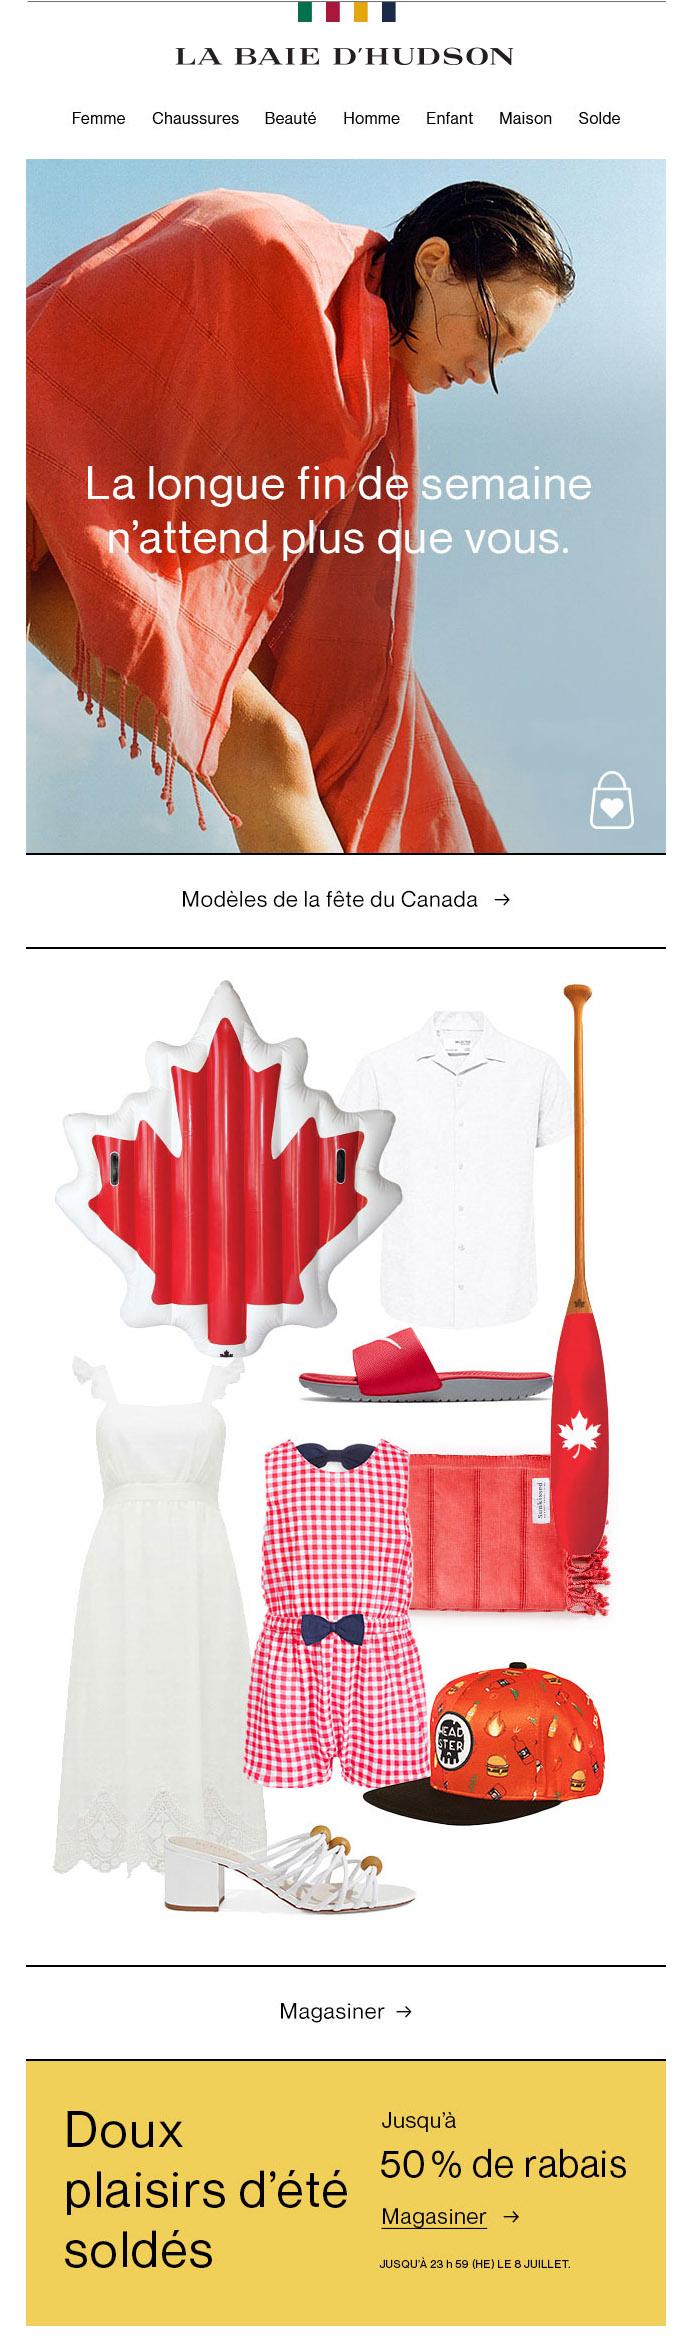 Soyez Prêts Pour La Fête Du Canada!